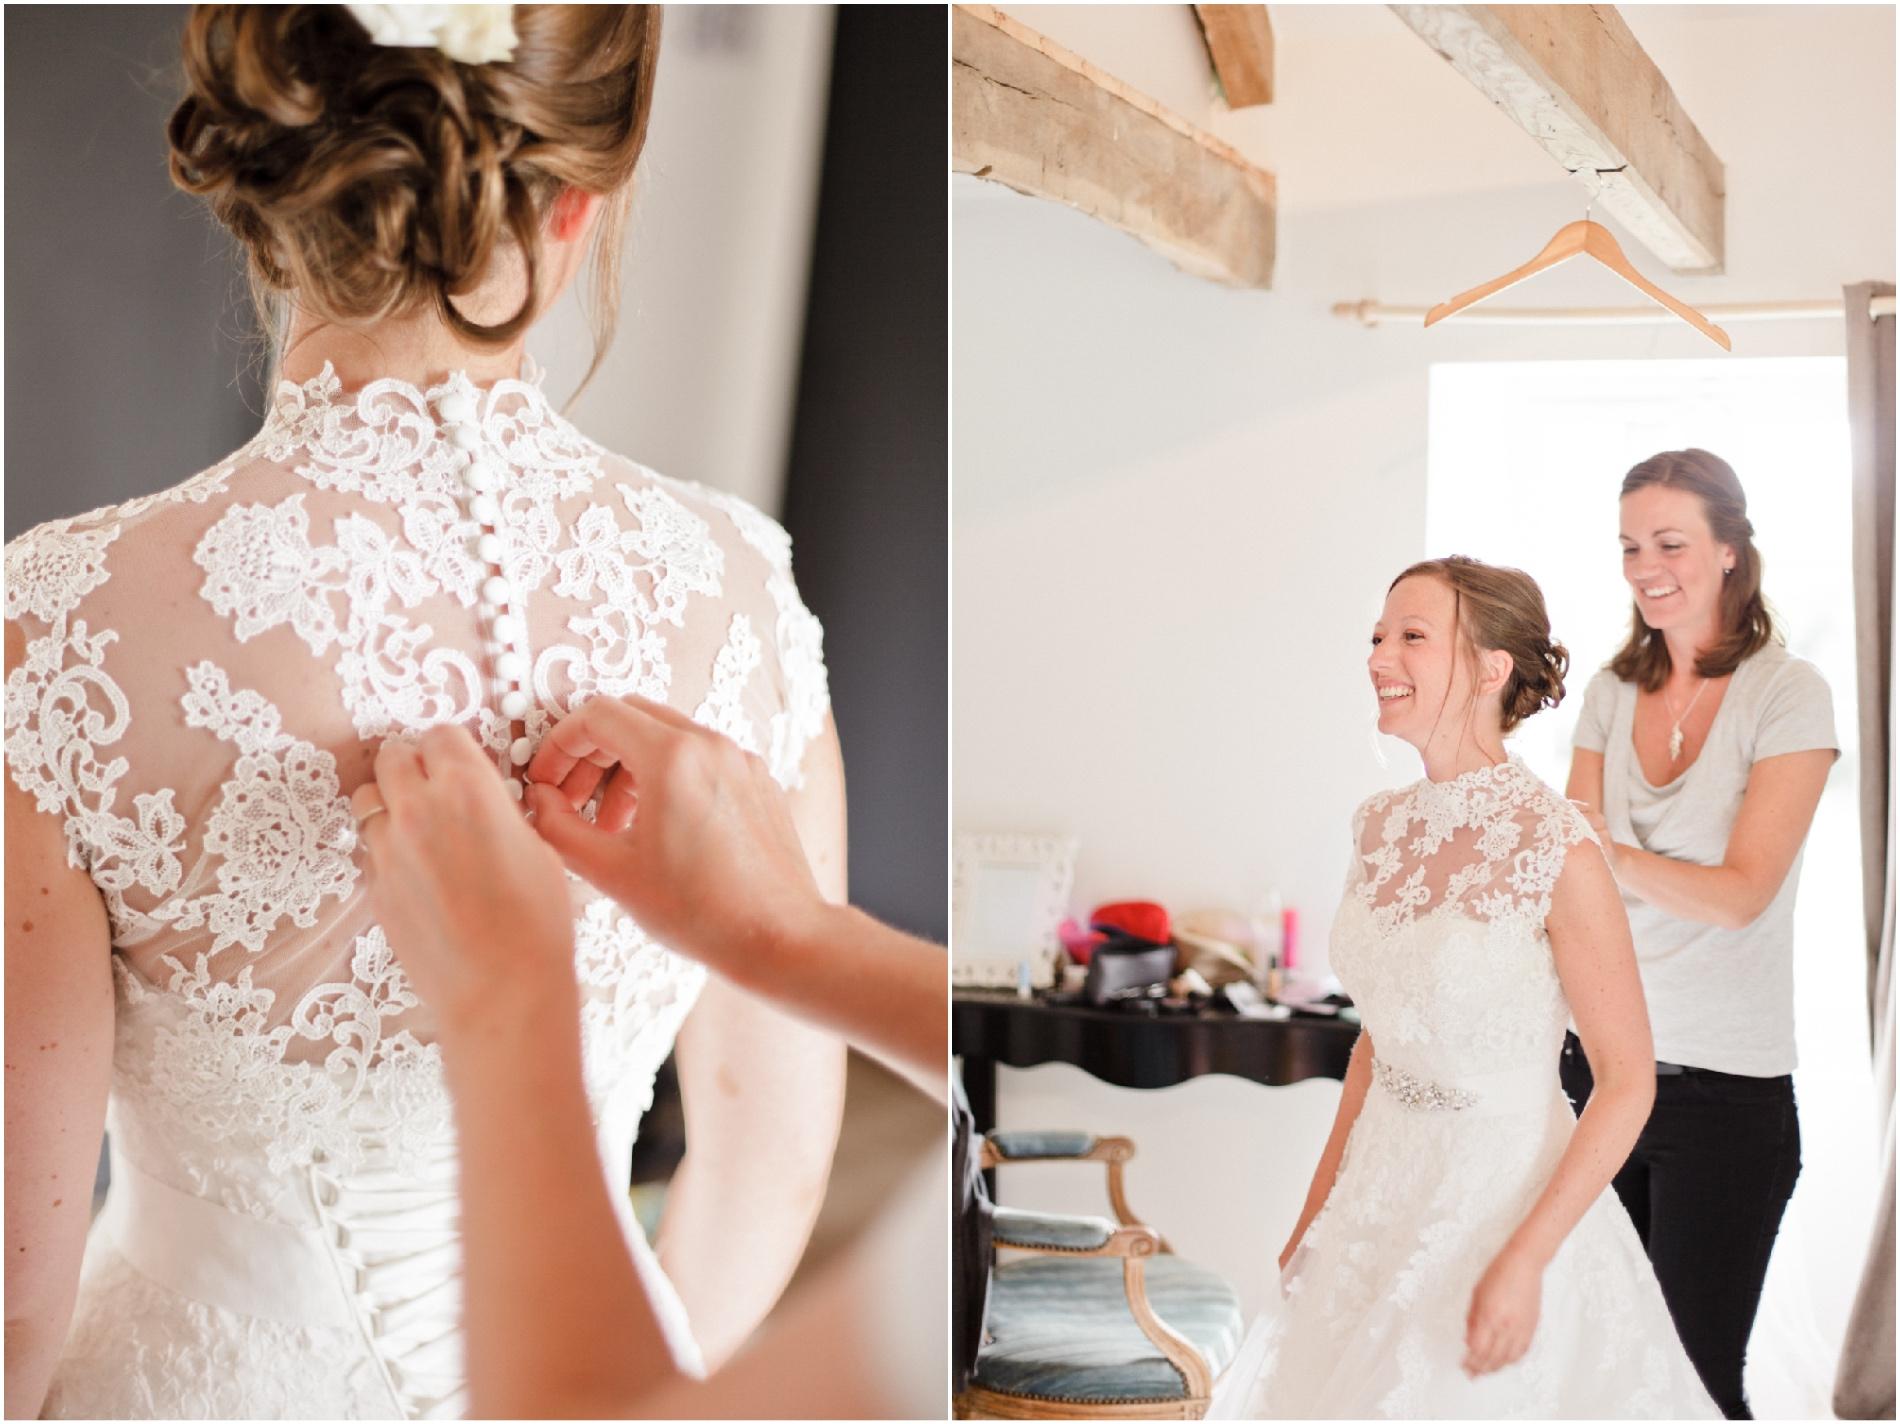 photographe-mariage-bretagne-mt-dyptique6